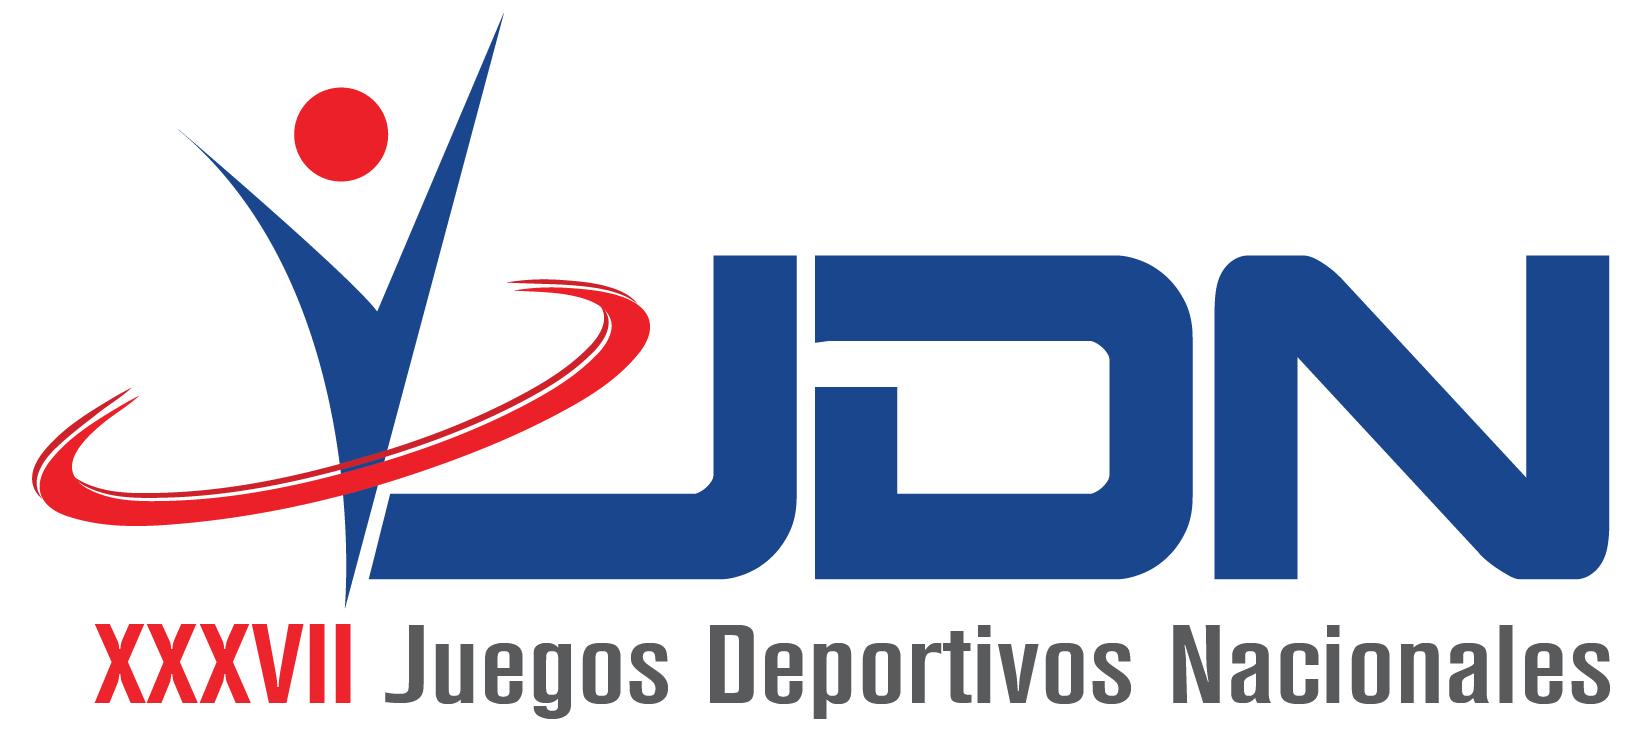 Logotipo Jdn Xxxvii 02 Fecobal